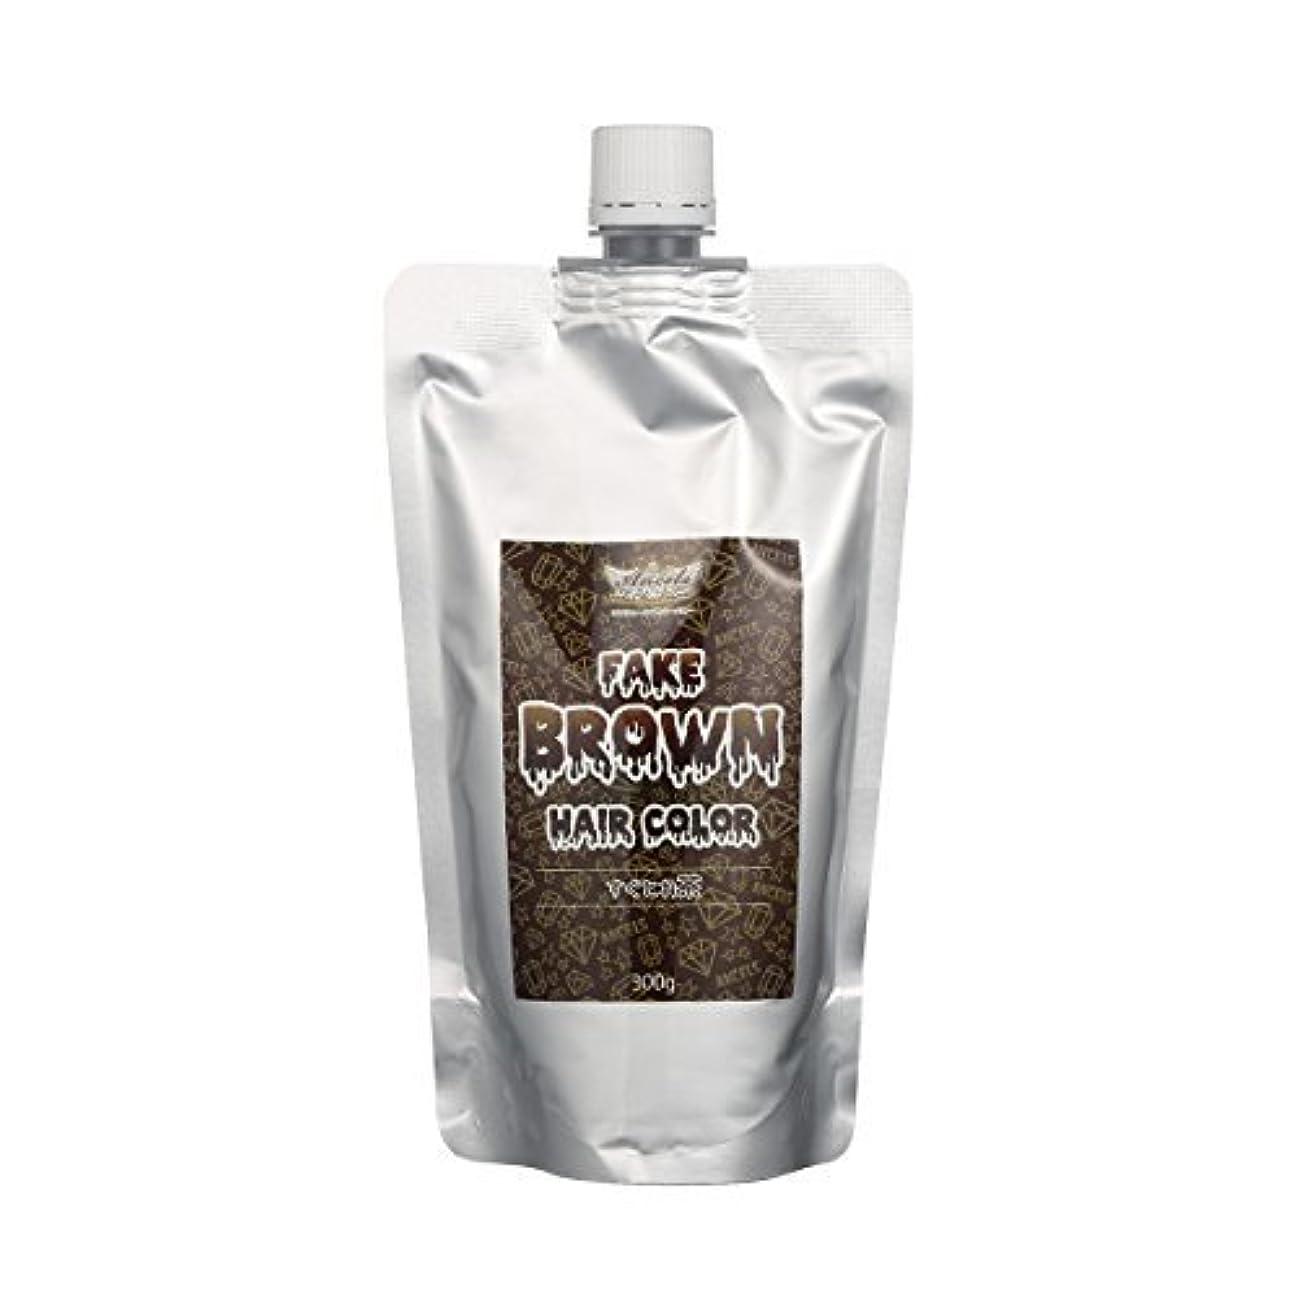 王子絶望的な同僚エンシェールズ カラーバター すぐとれ 茶 300g